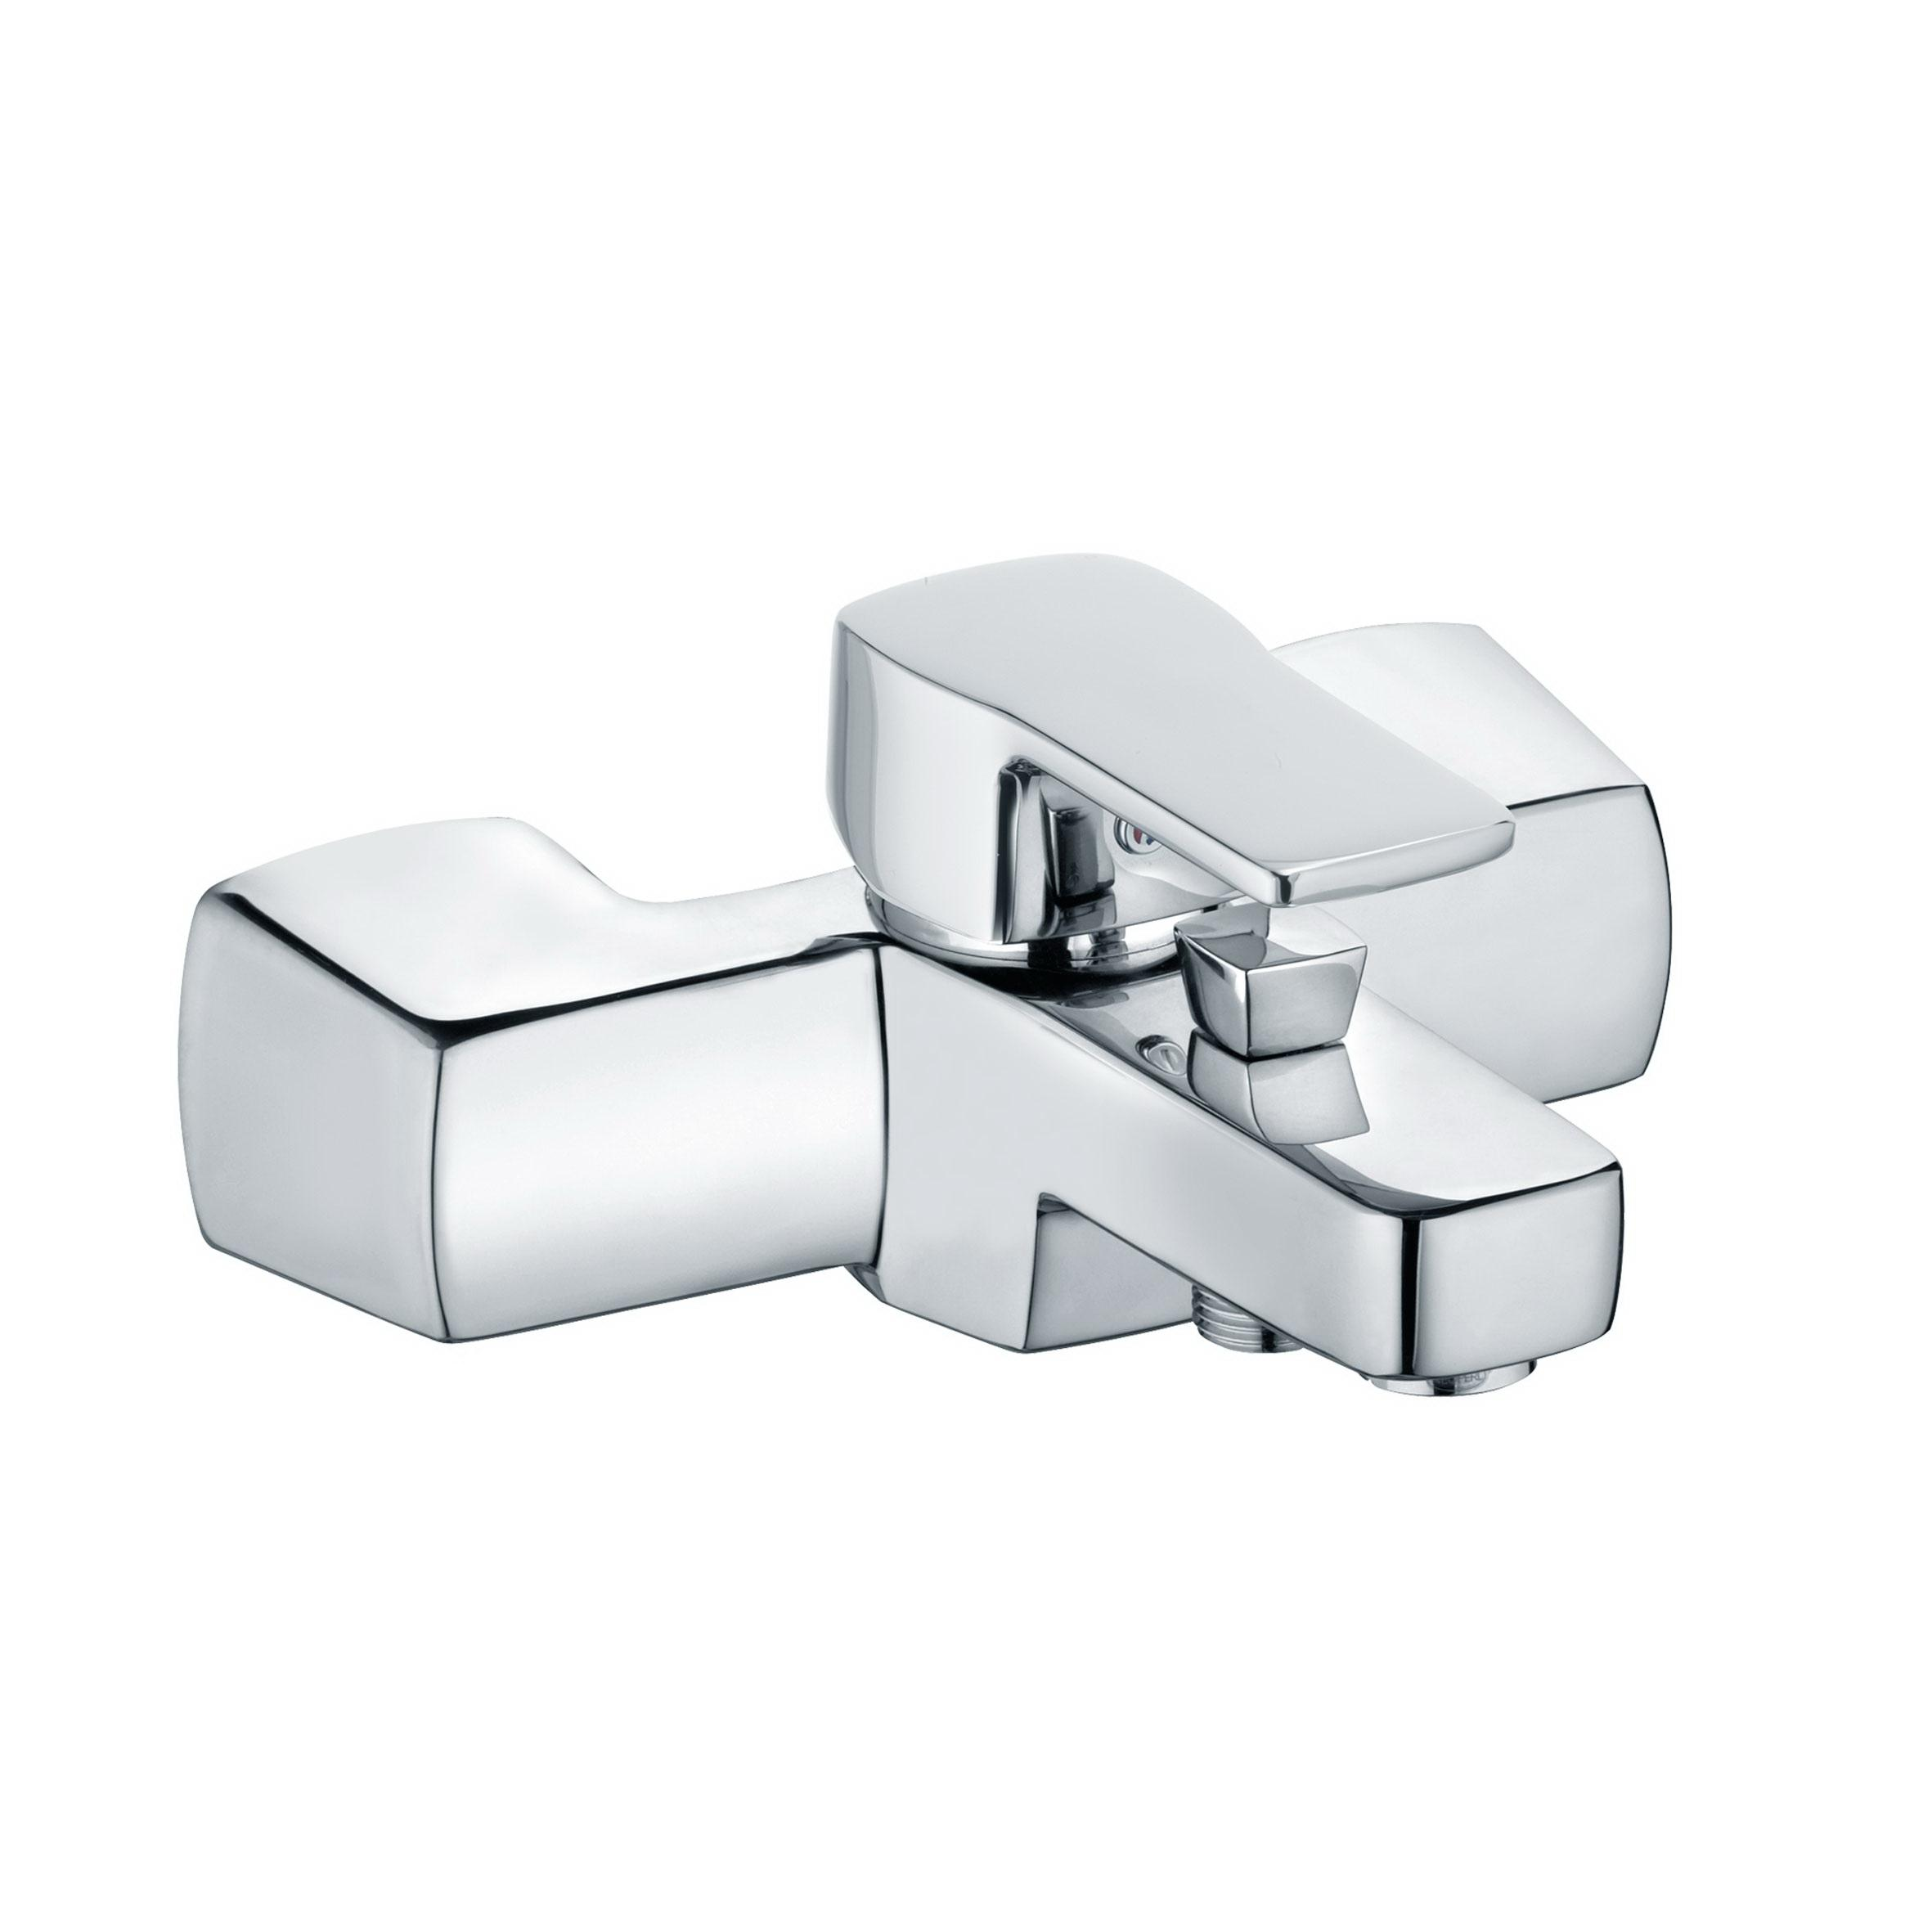 Смеситель для ванны с душем Kludi Q-beo 504430565 смеситель для кухни однорычажный с выдвижной лейкой kludi l ine 428210577